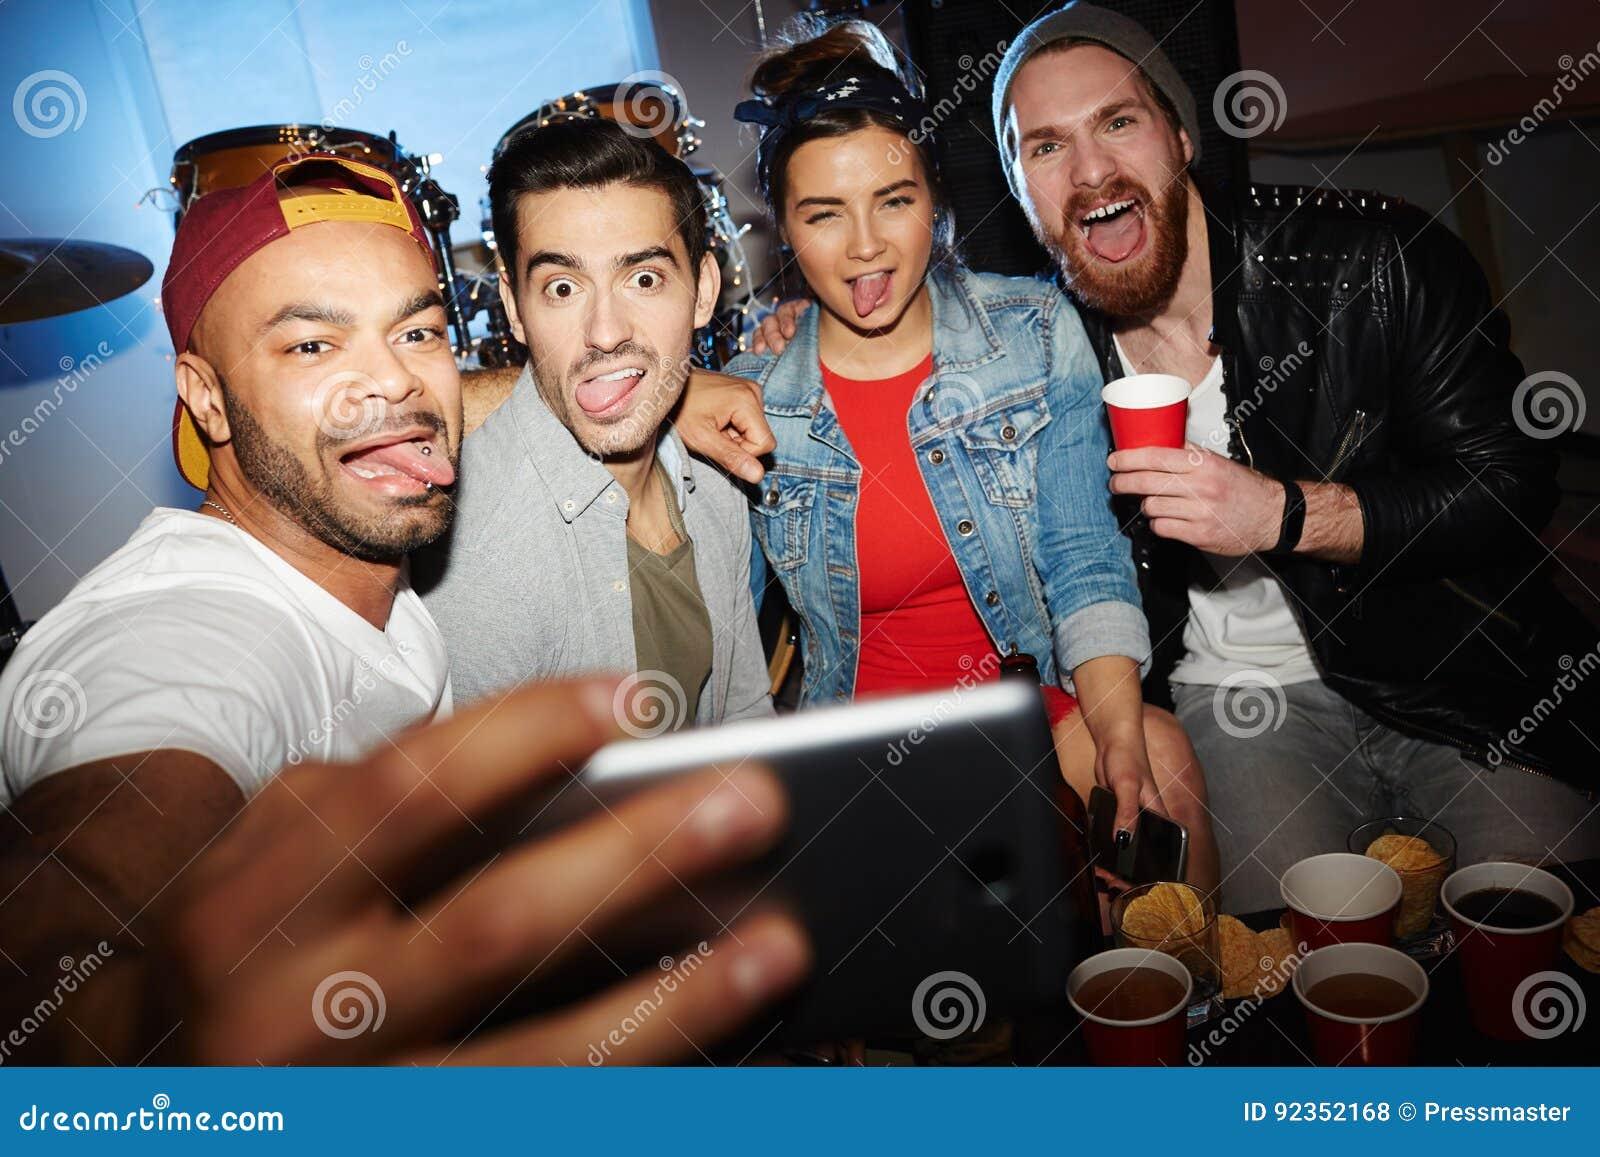 Download Друзья принимая шальное Selfie на внушительную партию ночного клуба Стоковое Фото - изображение насчитывающей изображение, гримасничать: 92352168